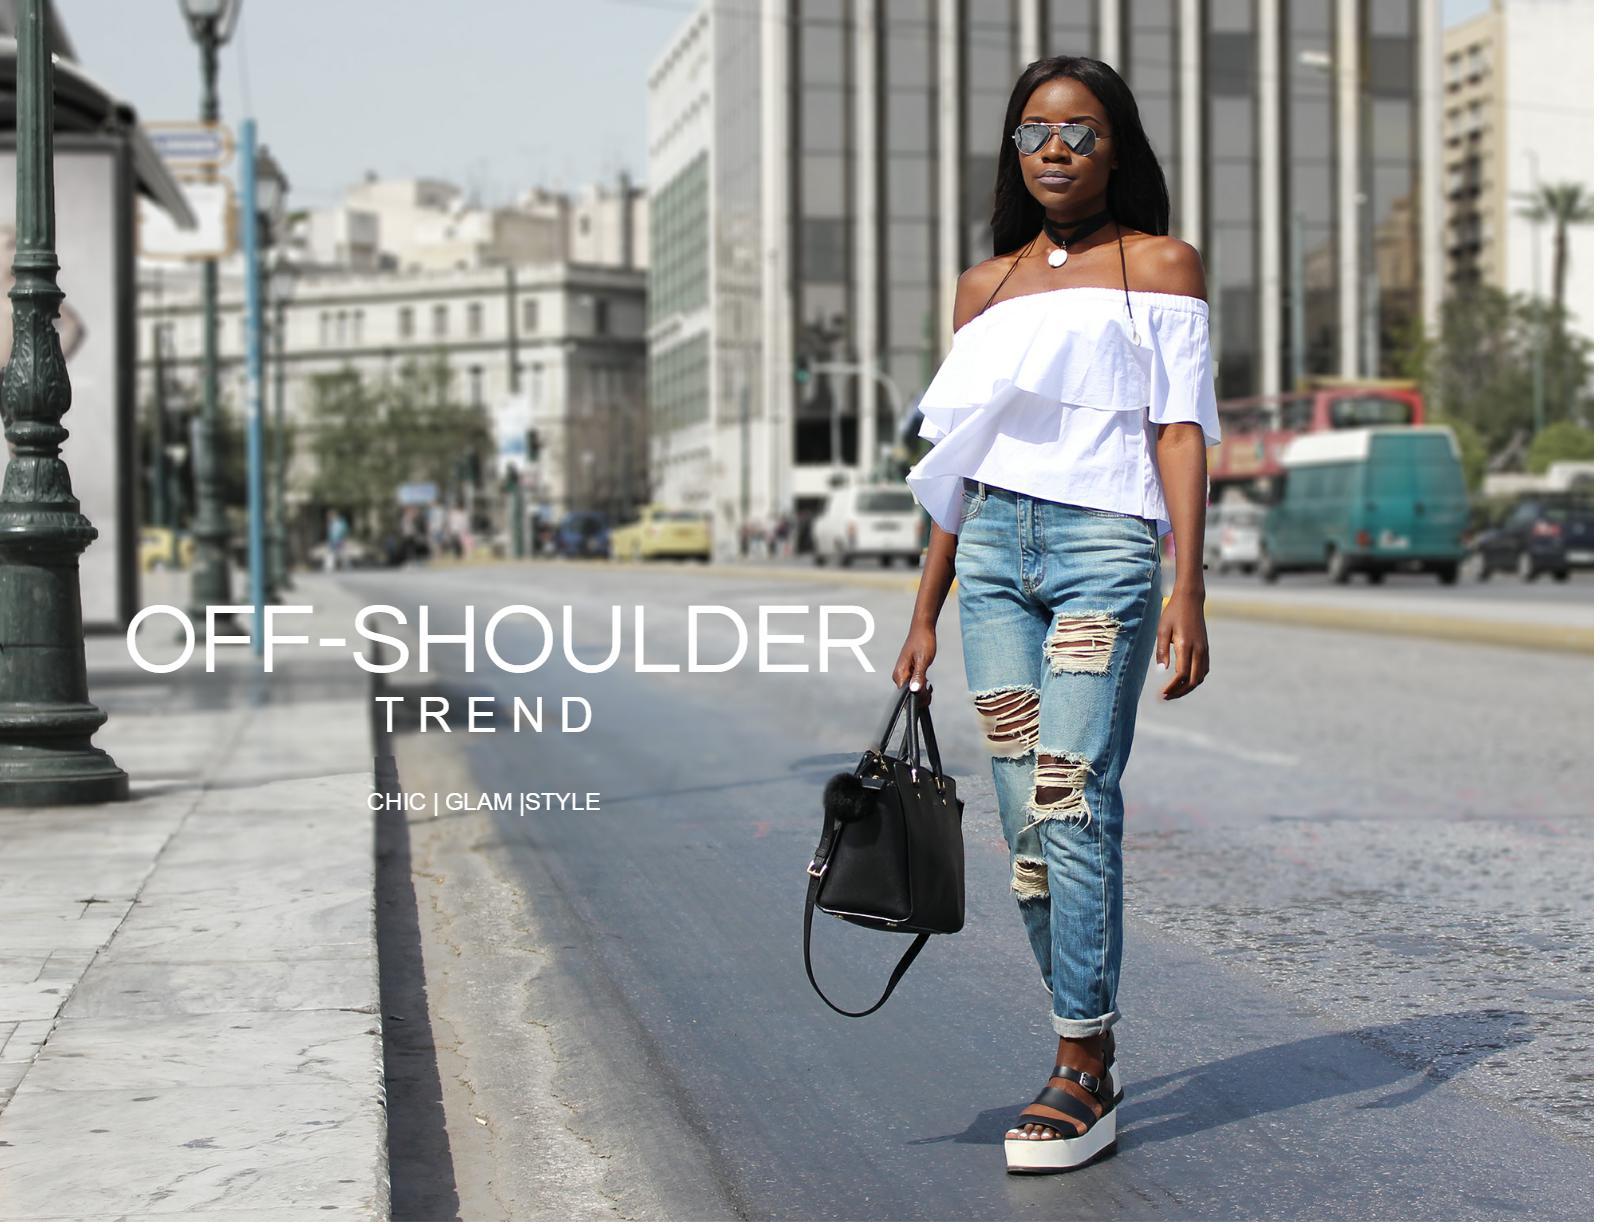 off-shoulder-trend